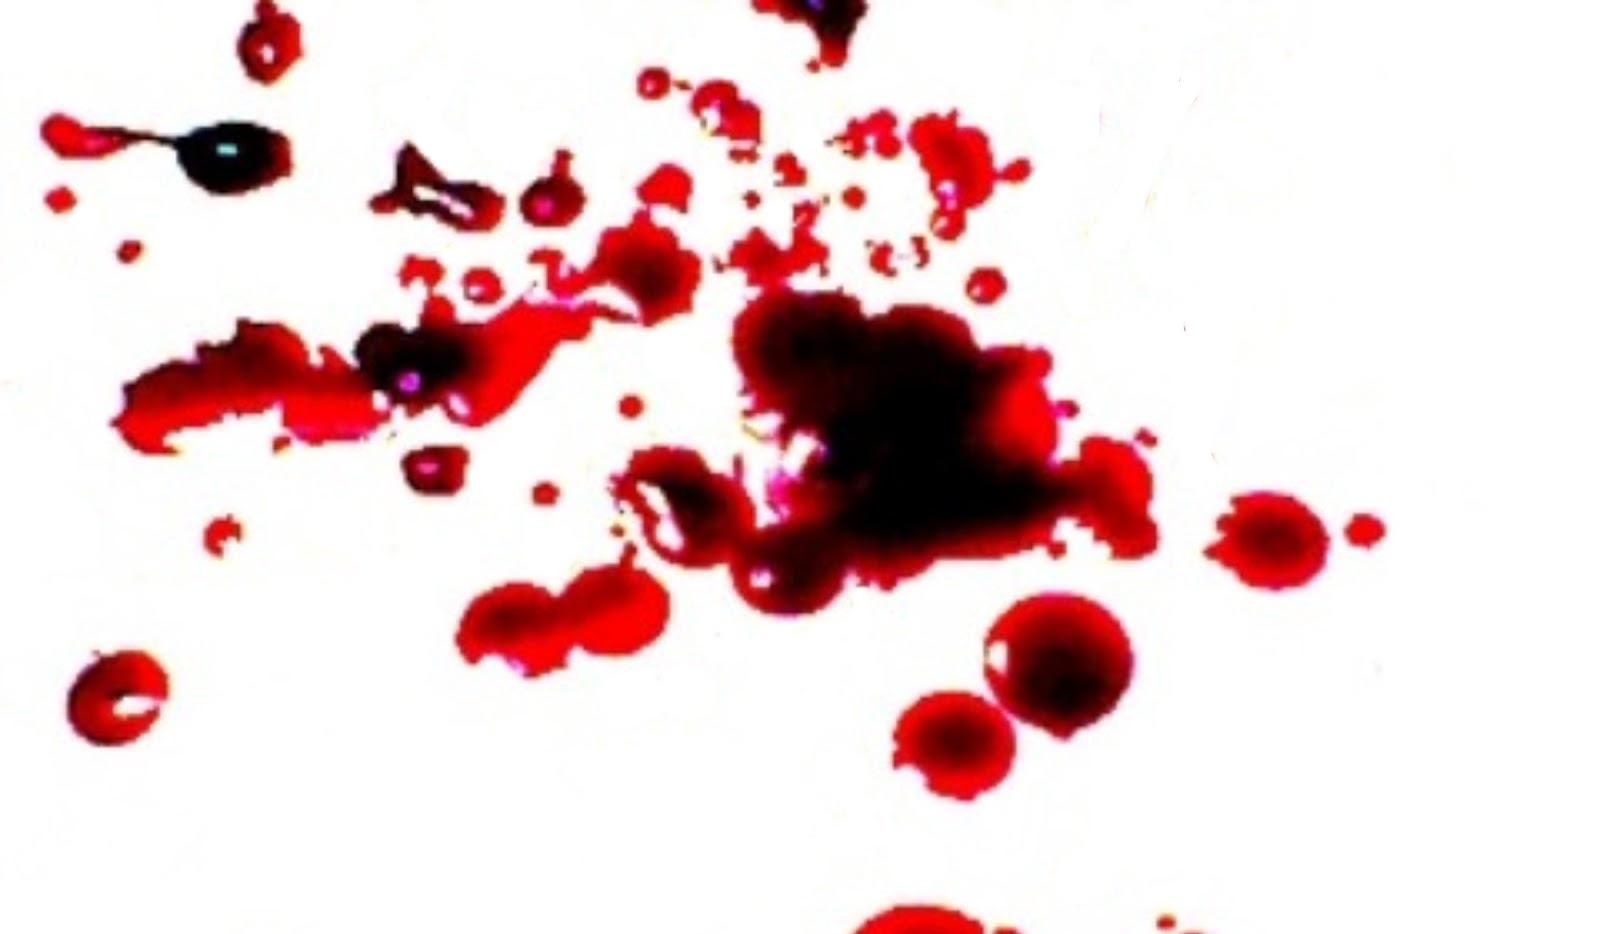 triệu chứng chảy máu sẽ kéo dài từ 3 đến 5 ngày